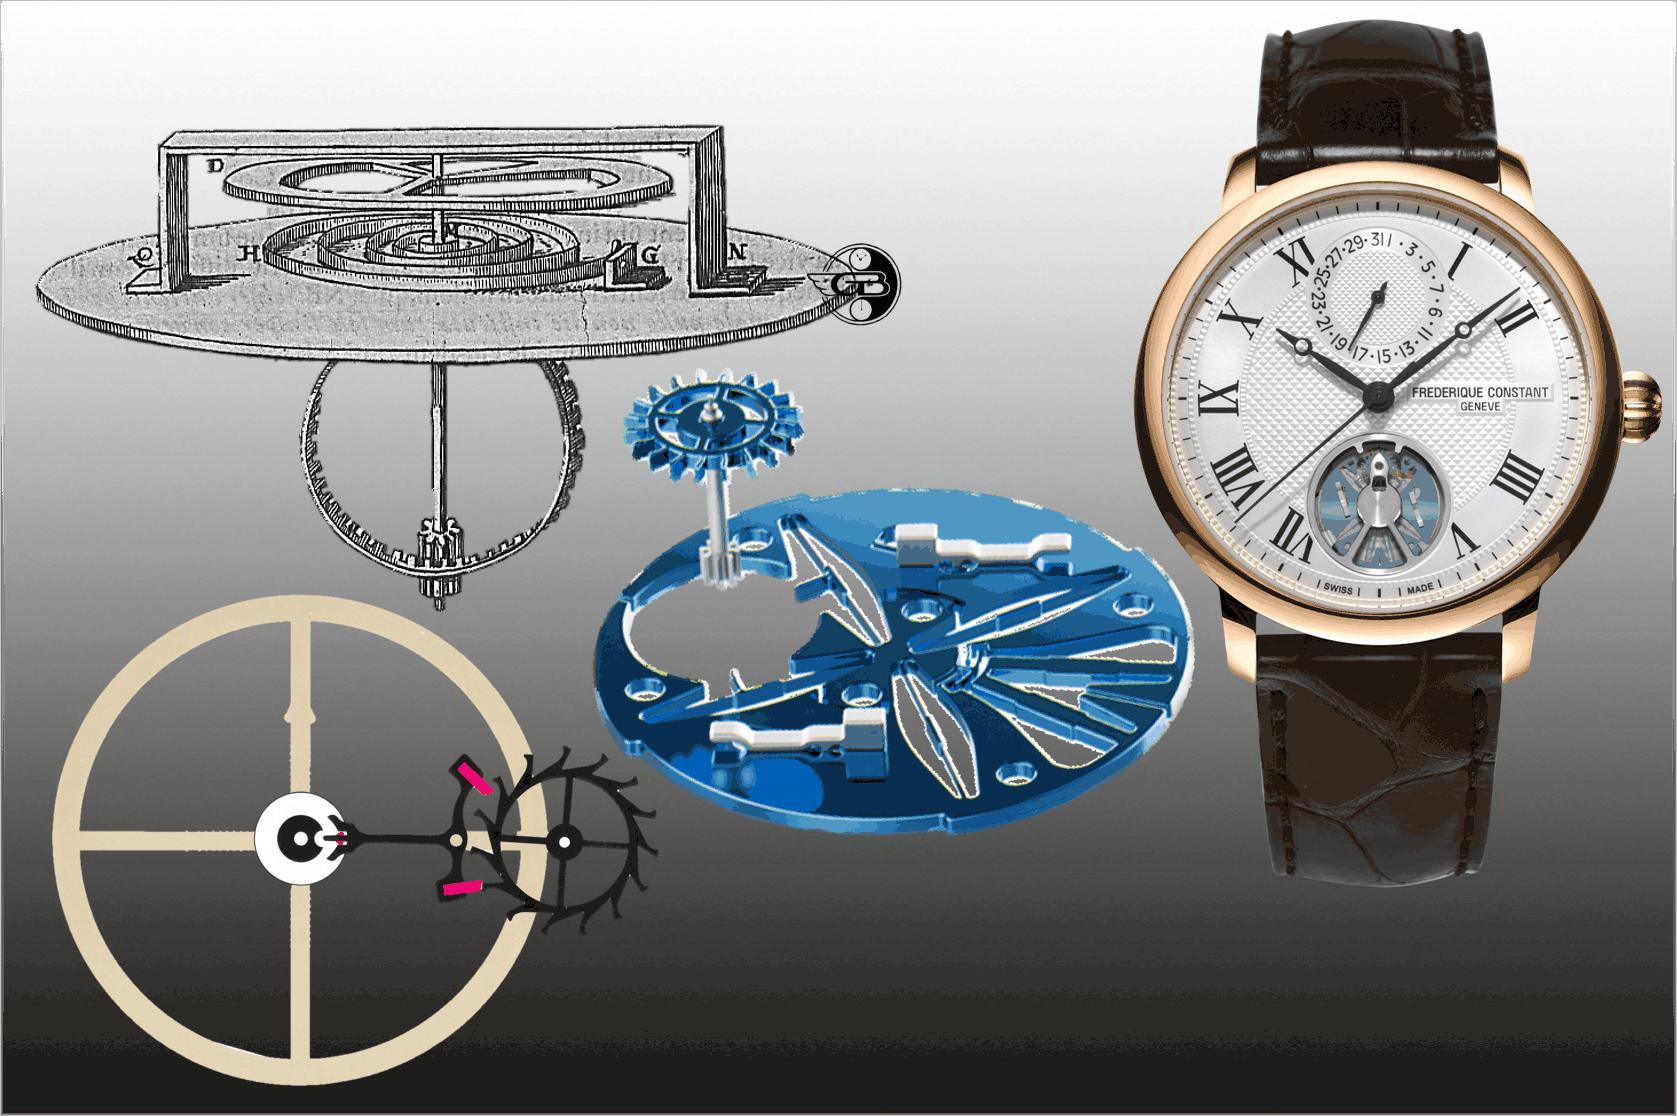 Innovation der Uhrwerk KonstruktionFrédérique Constant Slimline Monolithic Manufacture: Die mechanische Revolution!